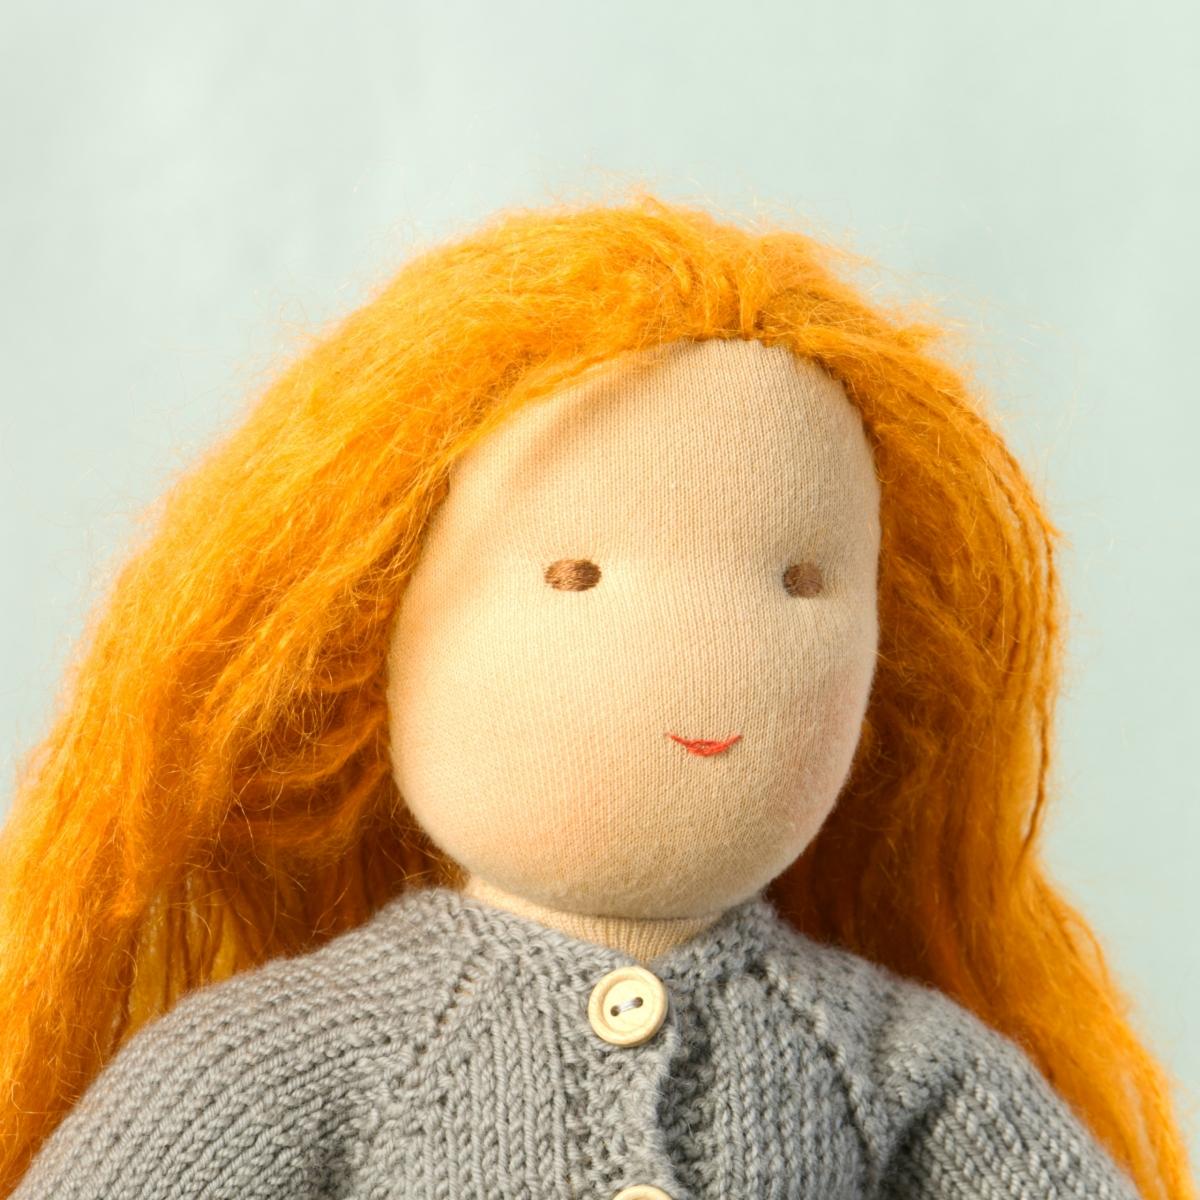 Puppe mit hellem Hautton nach Waldorf-Art, offene lange rote Haare, gekleidet in grauen Strickanzug